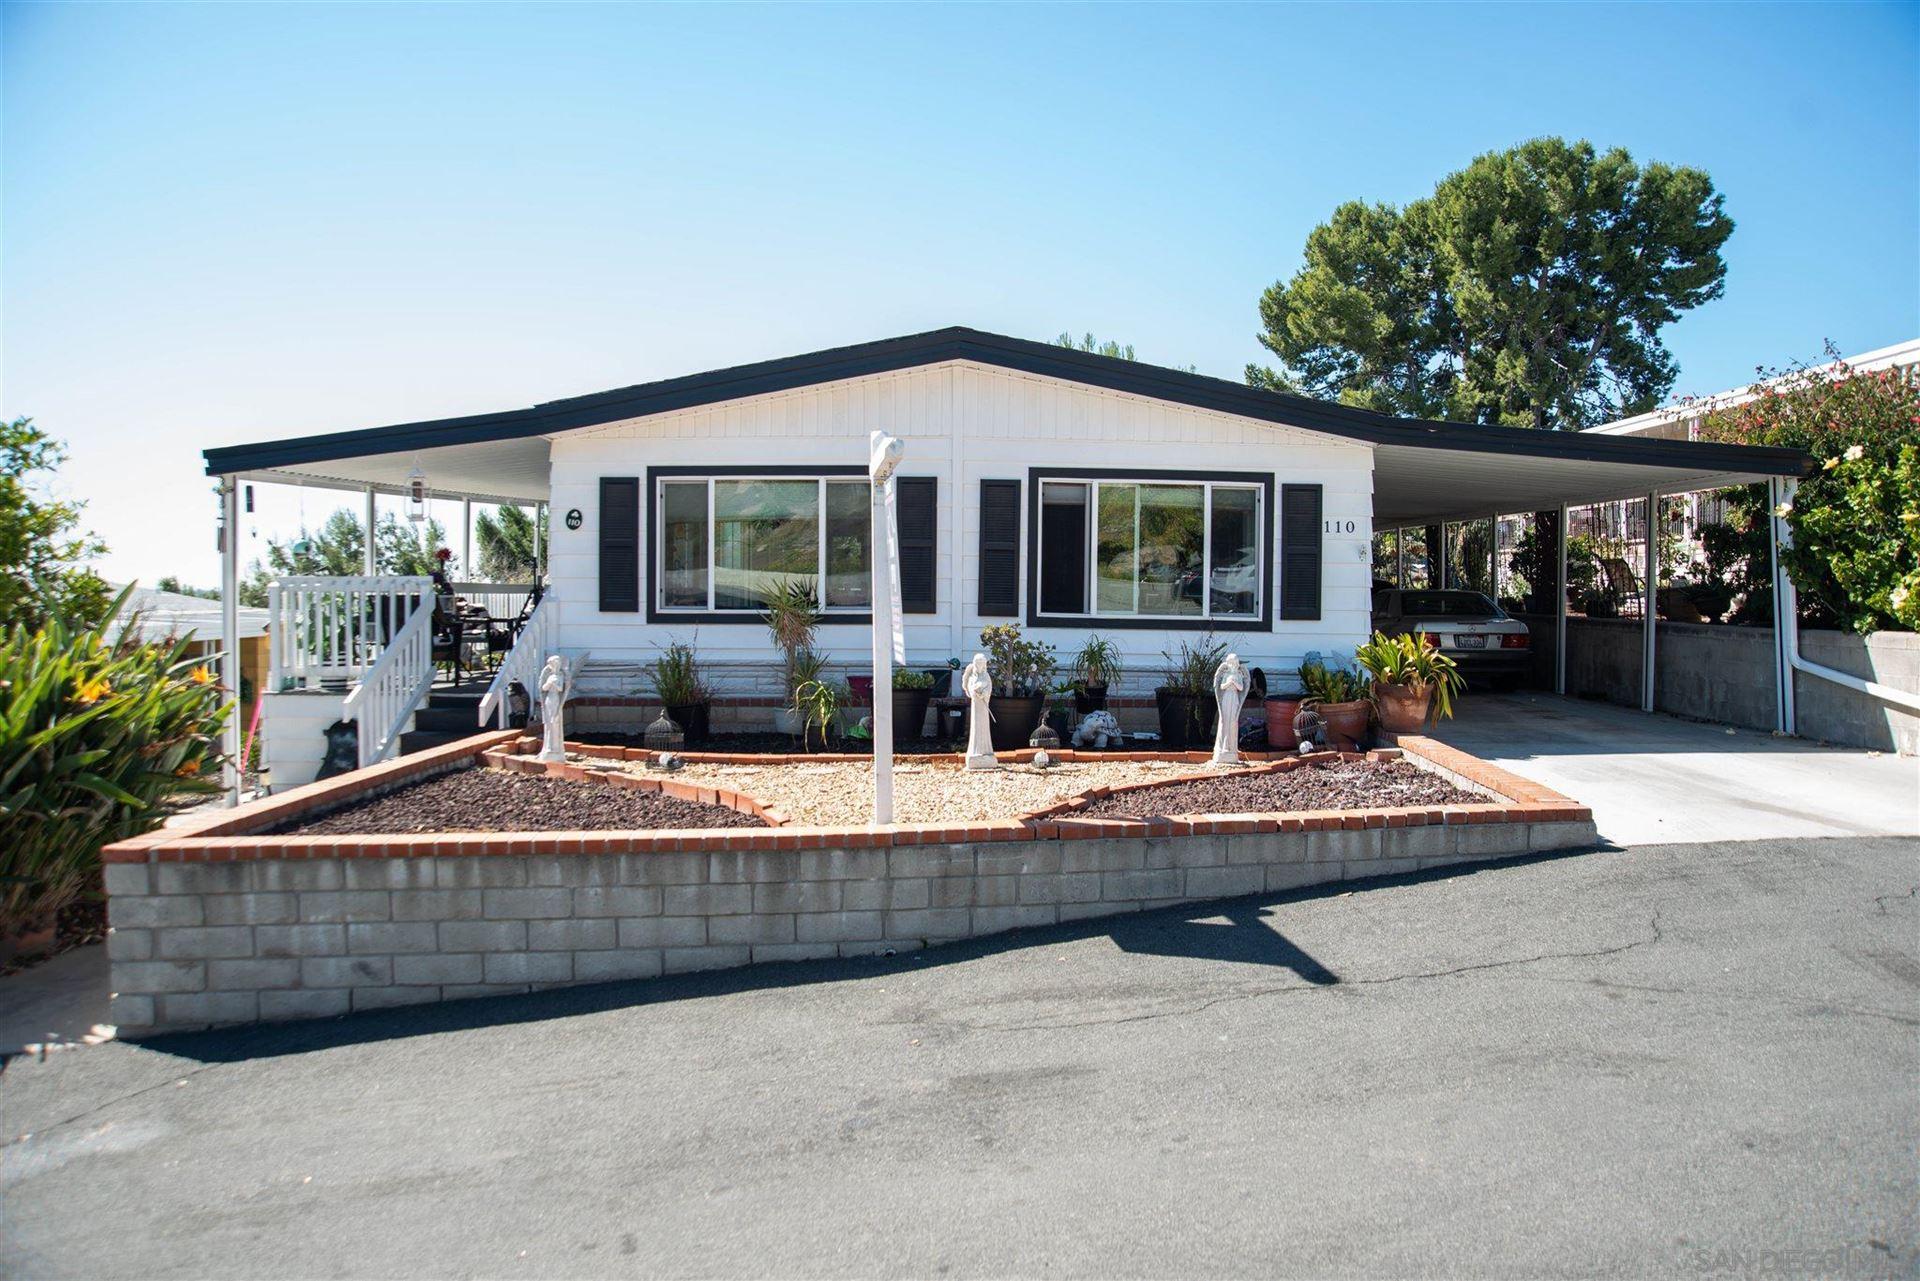 Photo of 275 S Worthington Ave. SPC #110, Spring Valley, CA 91977 (MLS # 210002717)